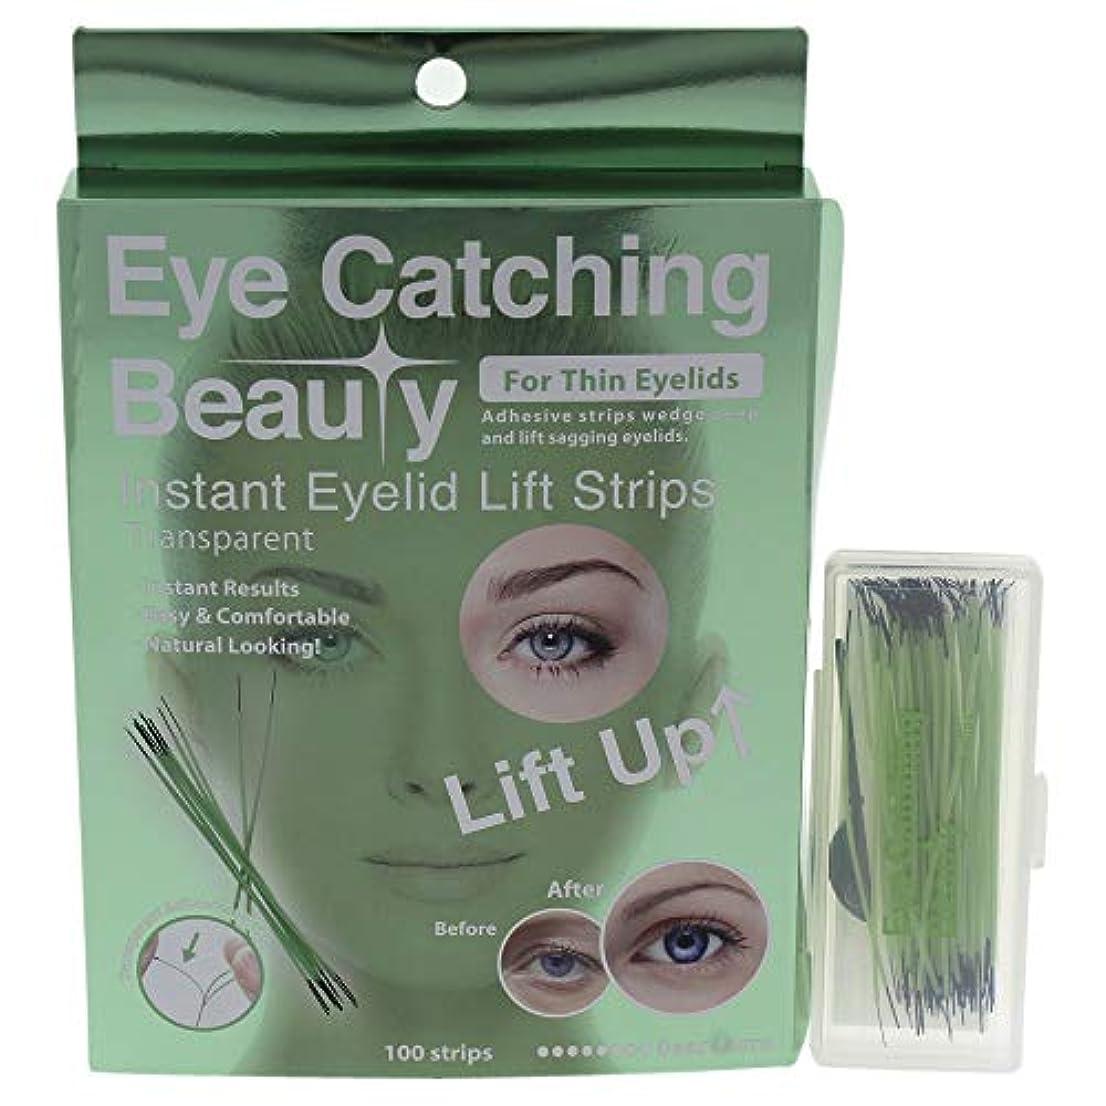 染料官僚花に水をやるEye Catching Beauty Instant Eyelid Lift Strips